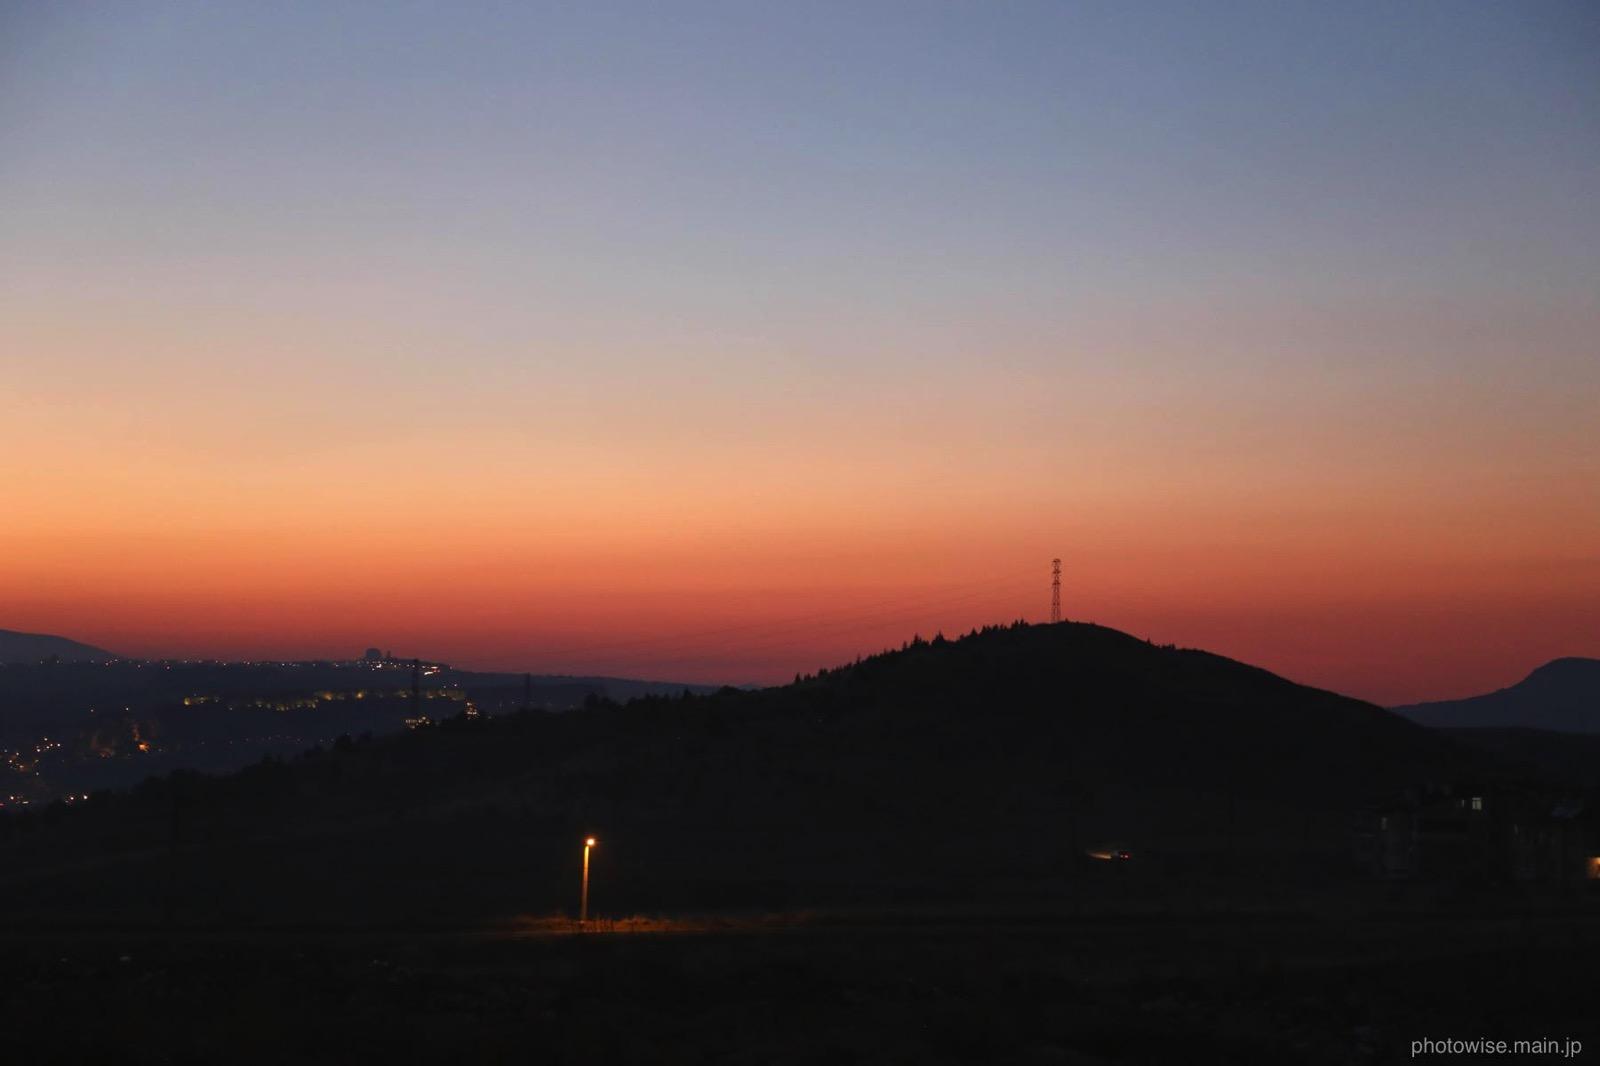 ウルギュップの夕日3